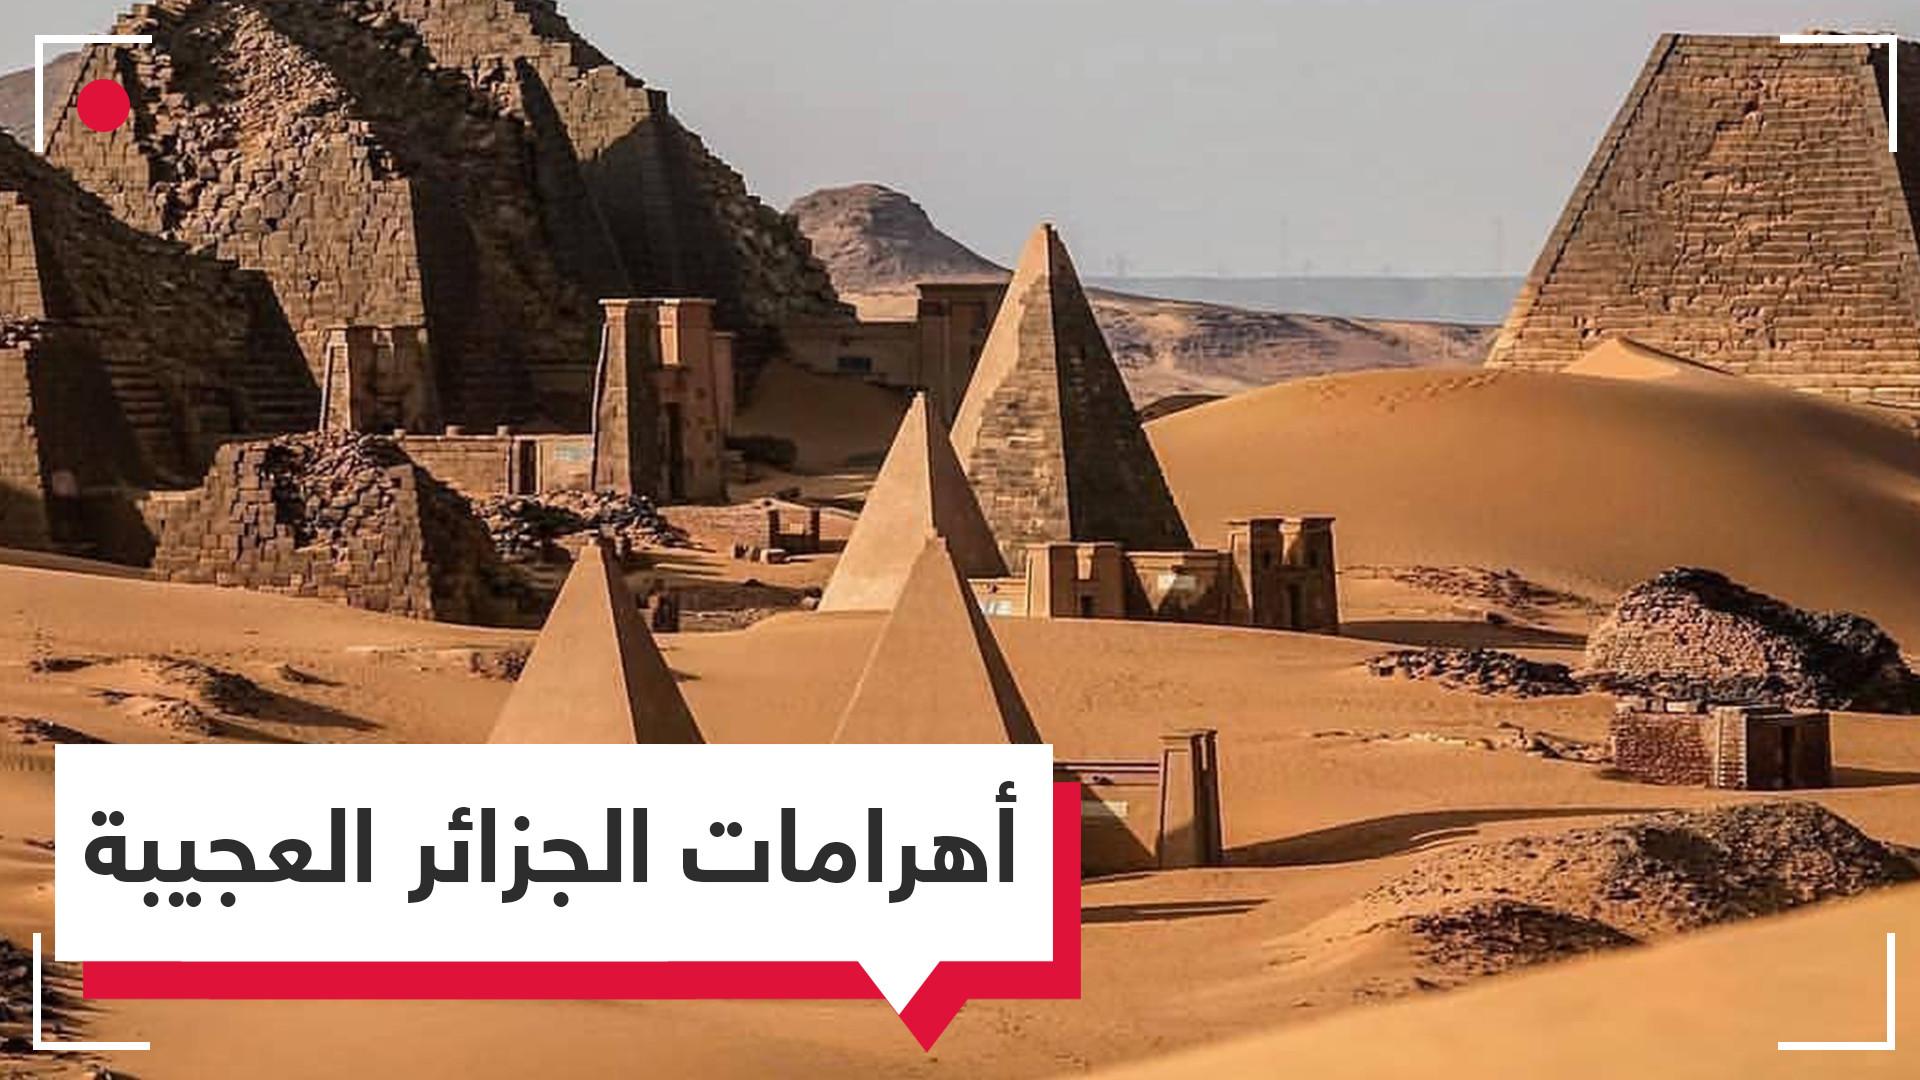 لغز أهرامات الجزائر